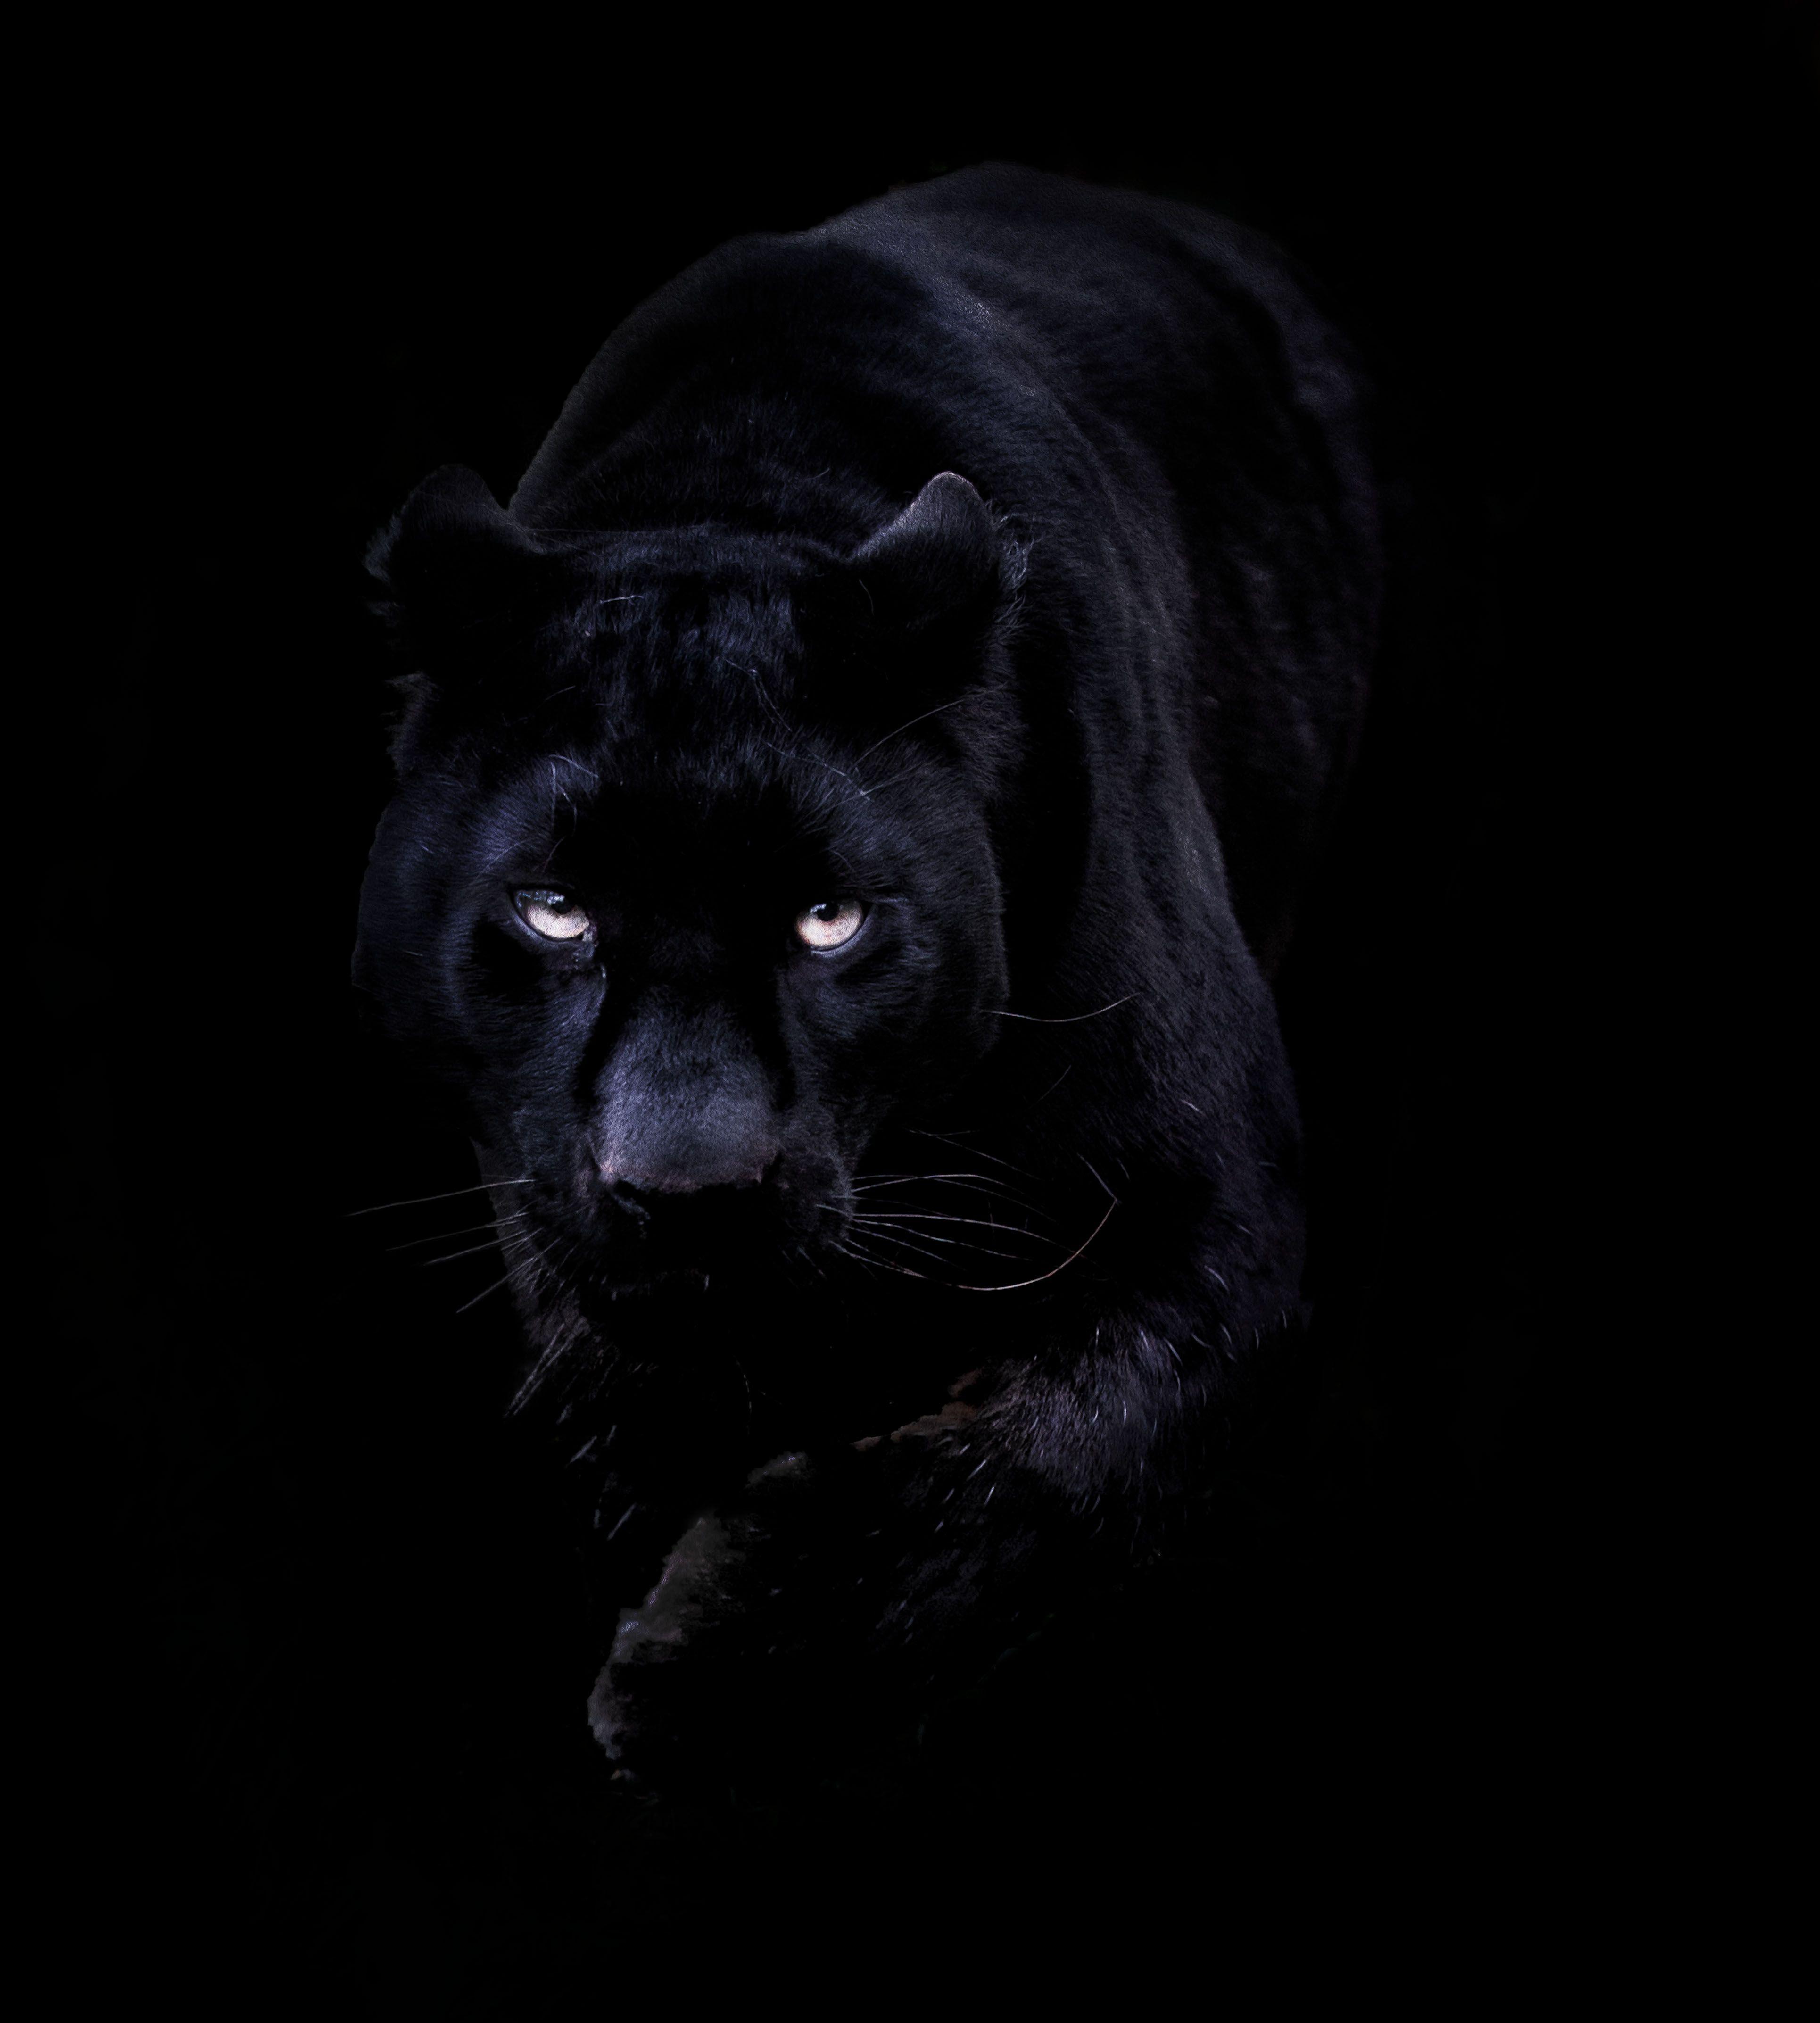 black jaguar wallpaper  3d Black Jaguar Wallpapers - Wallpaper Cave